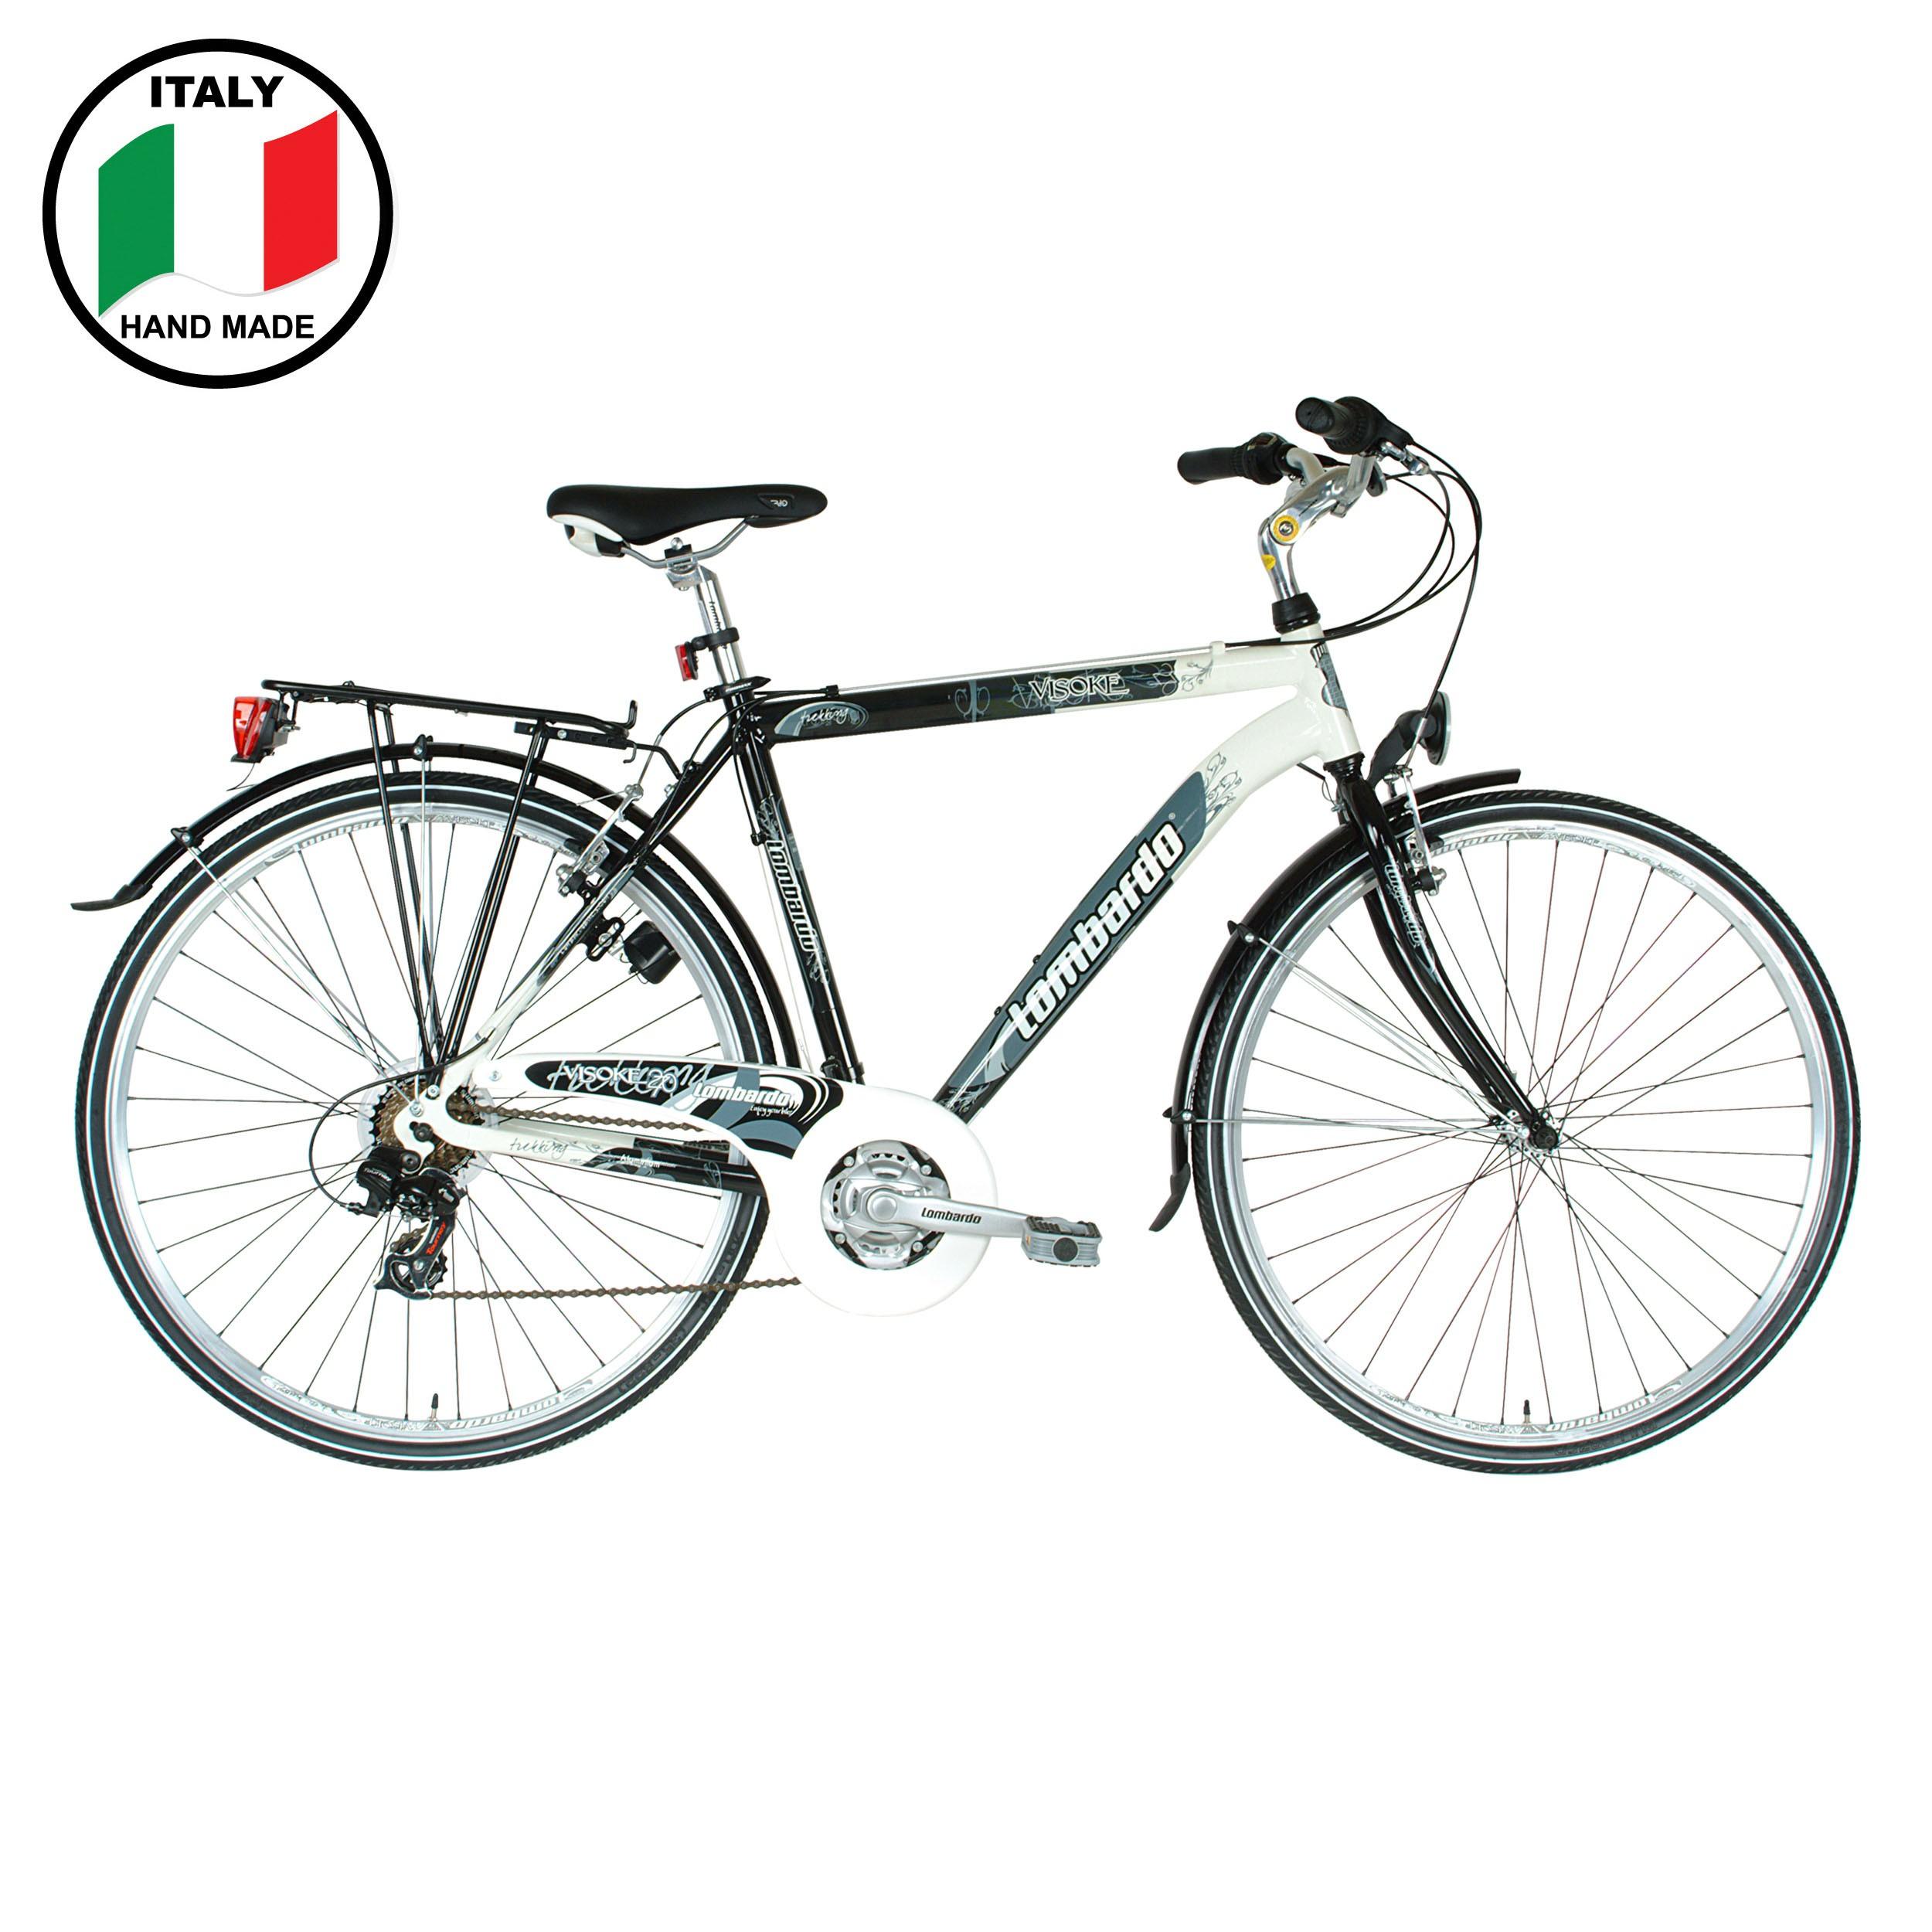 Lombardo Visoke Men's 21 inch Bike